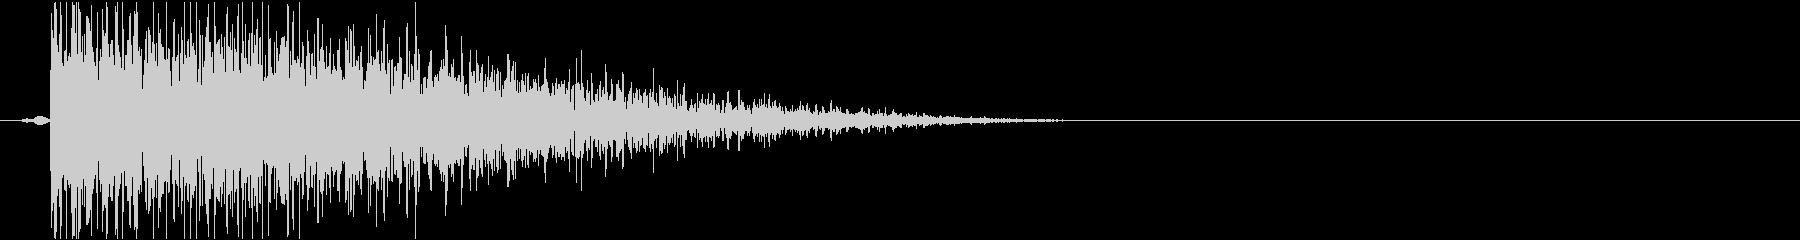 カーソル音_決定音_長調-D-15_の未再生の波形